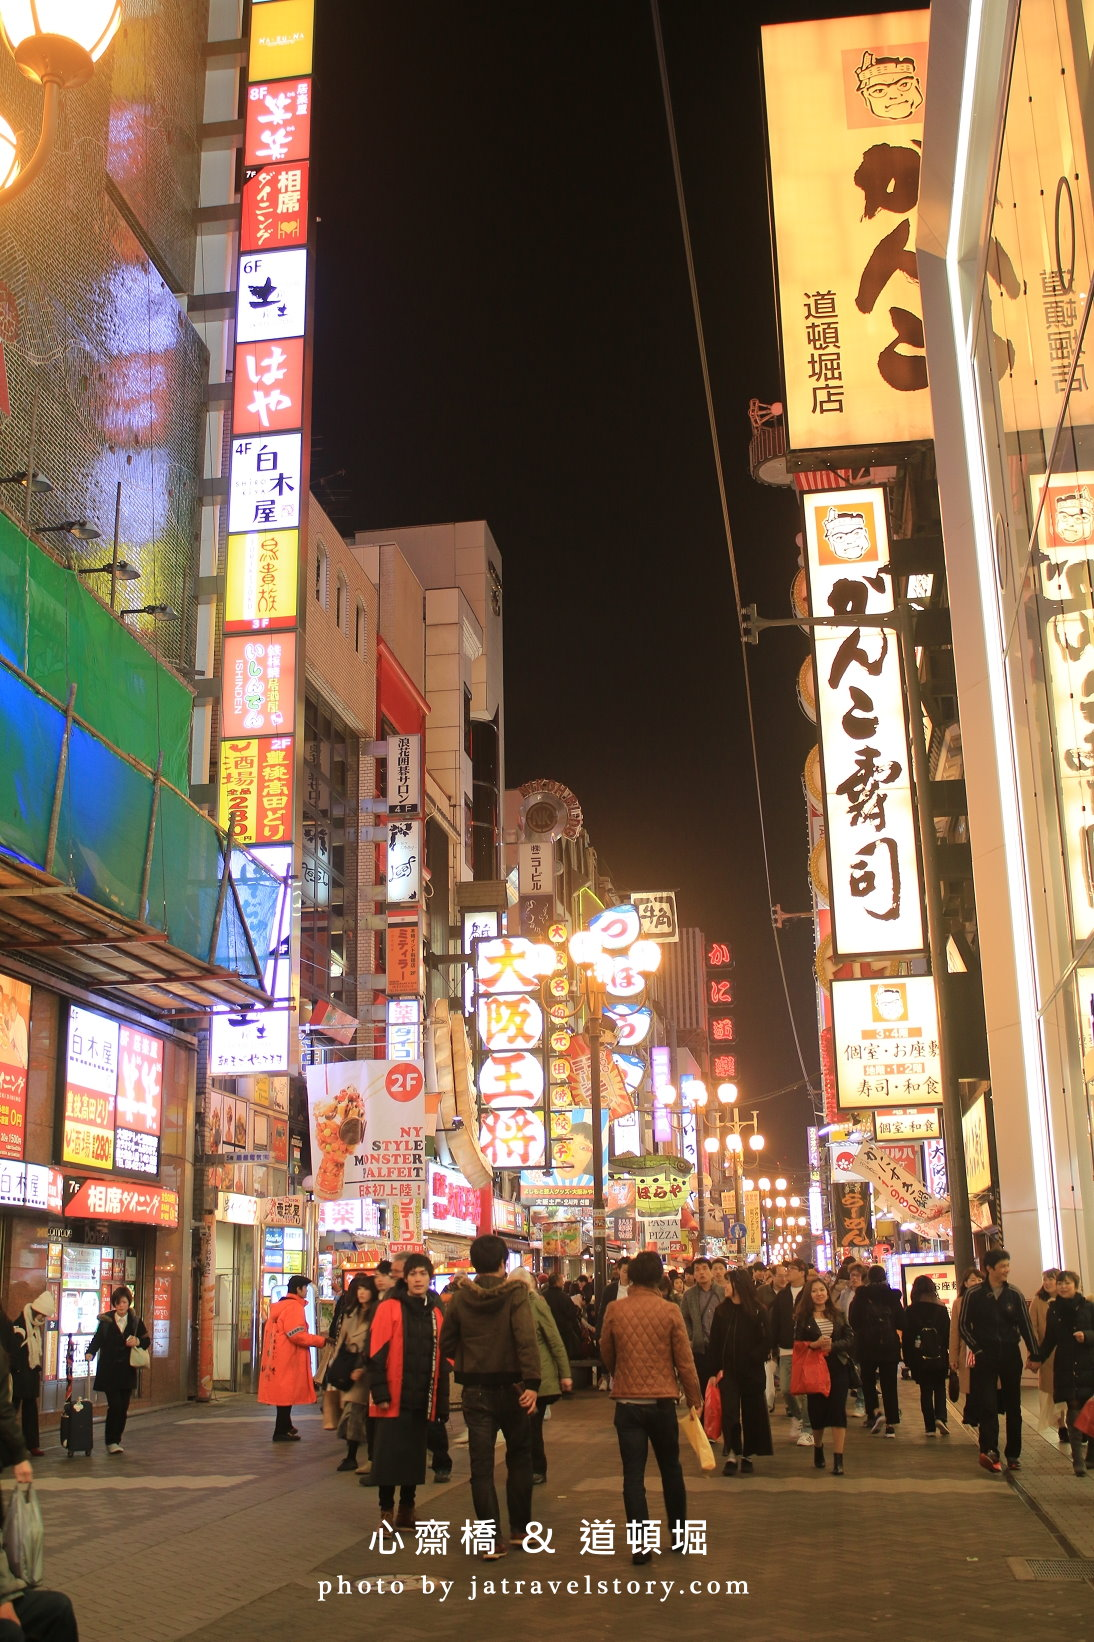 【大阪自由行】大阪景點懶人包、大阪熱門景點整理 @J&A的旅行